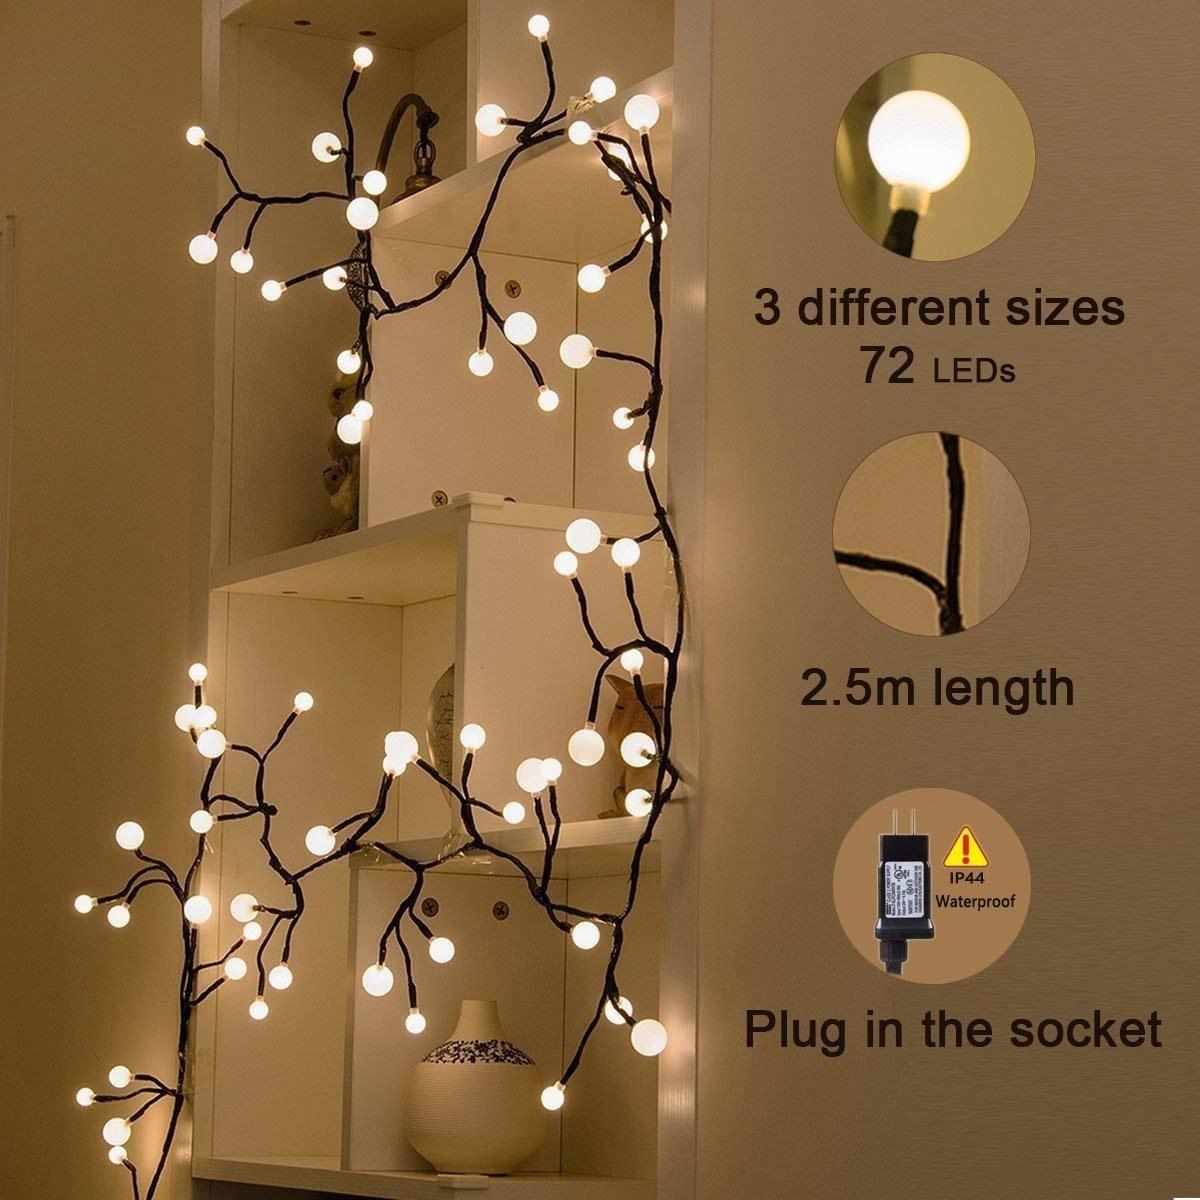 The lights trailing along a wall shelf